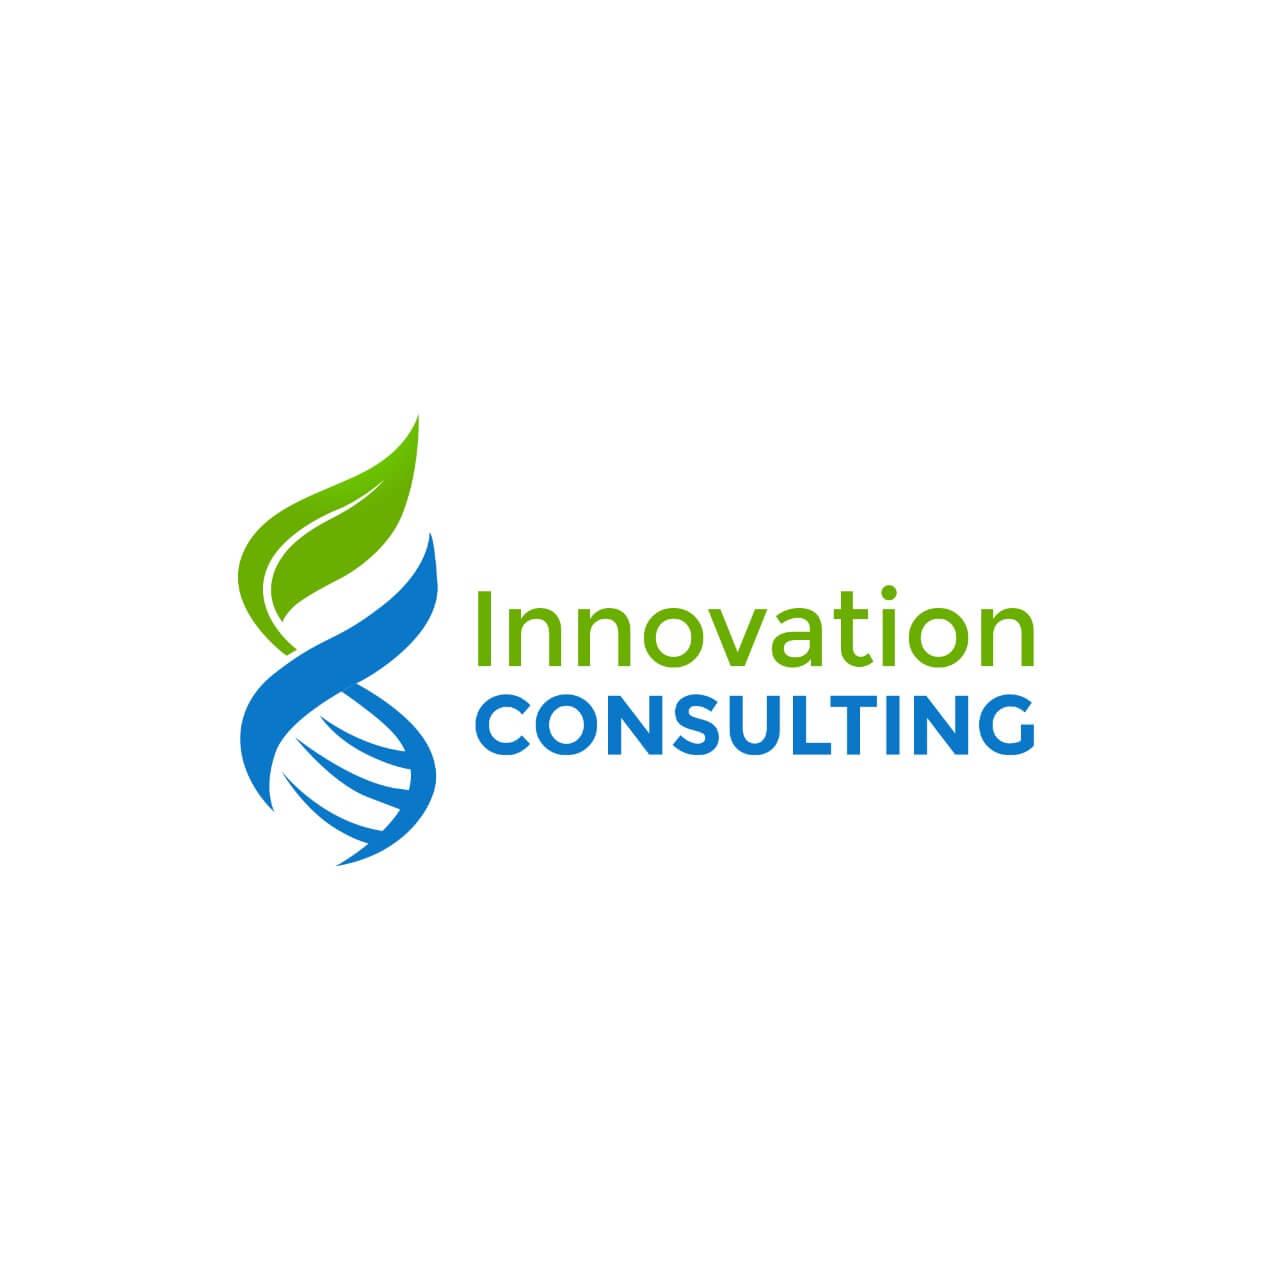 loqoların hazırlanması innovation consulting üçün